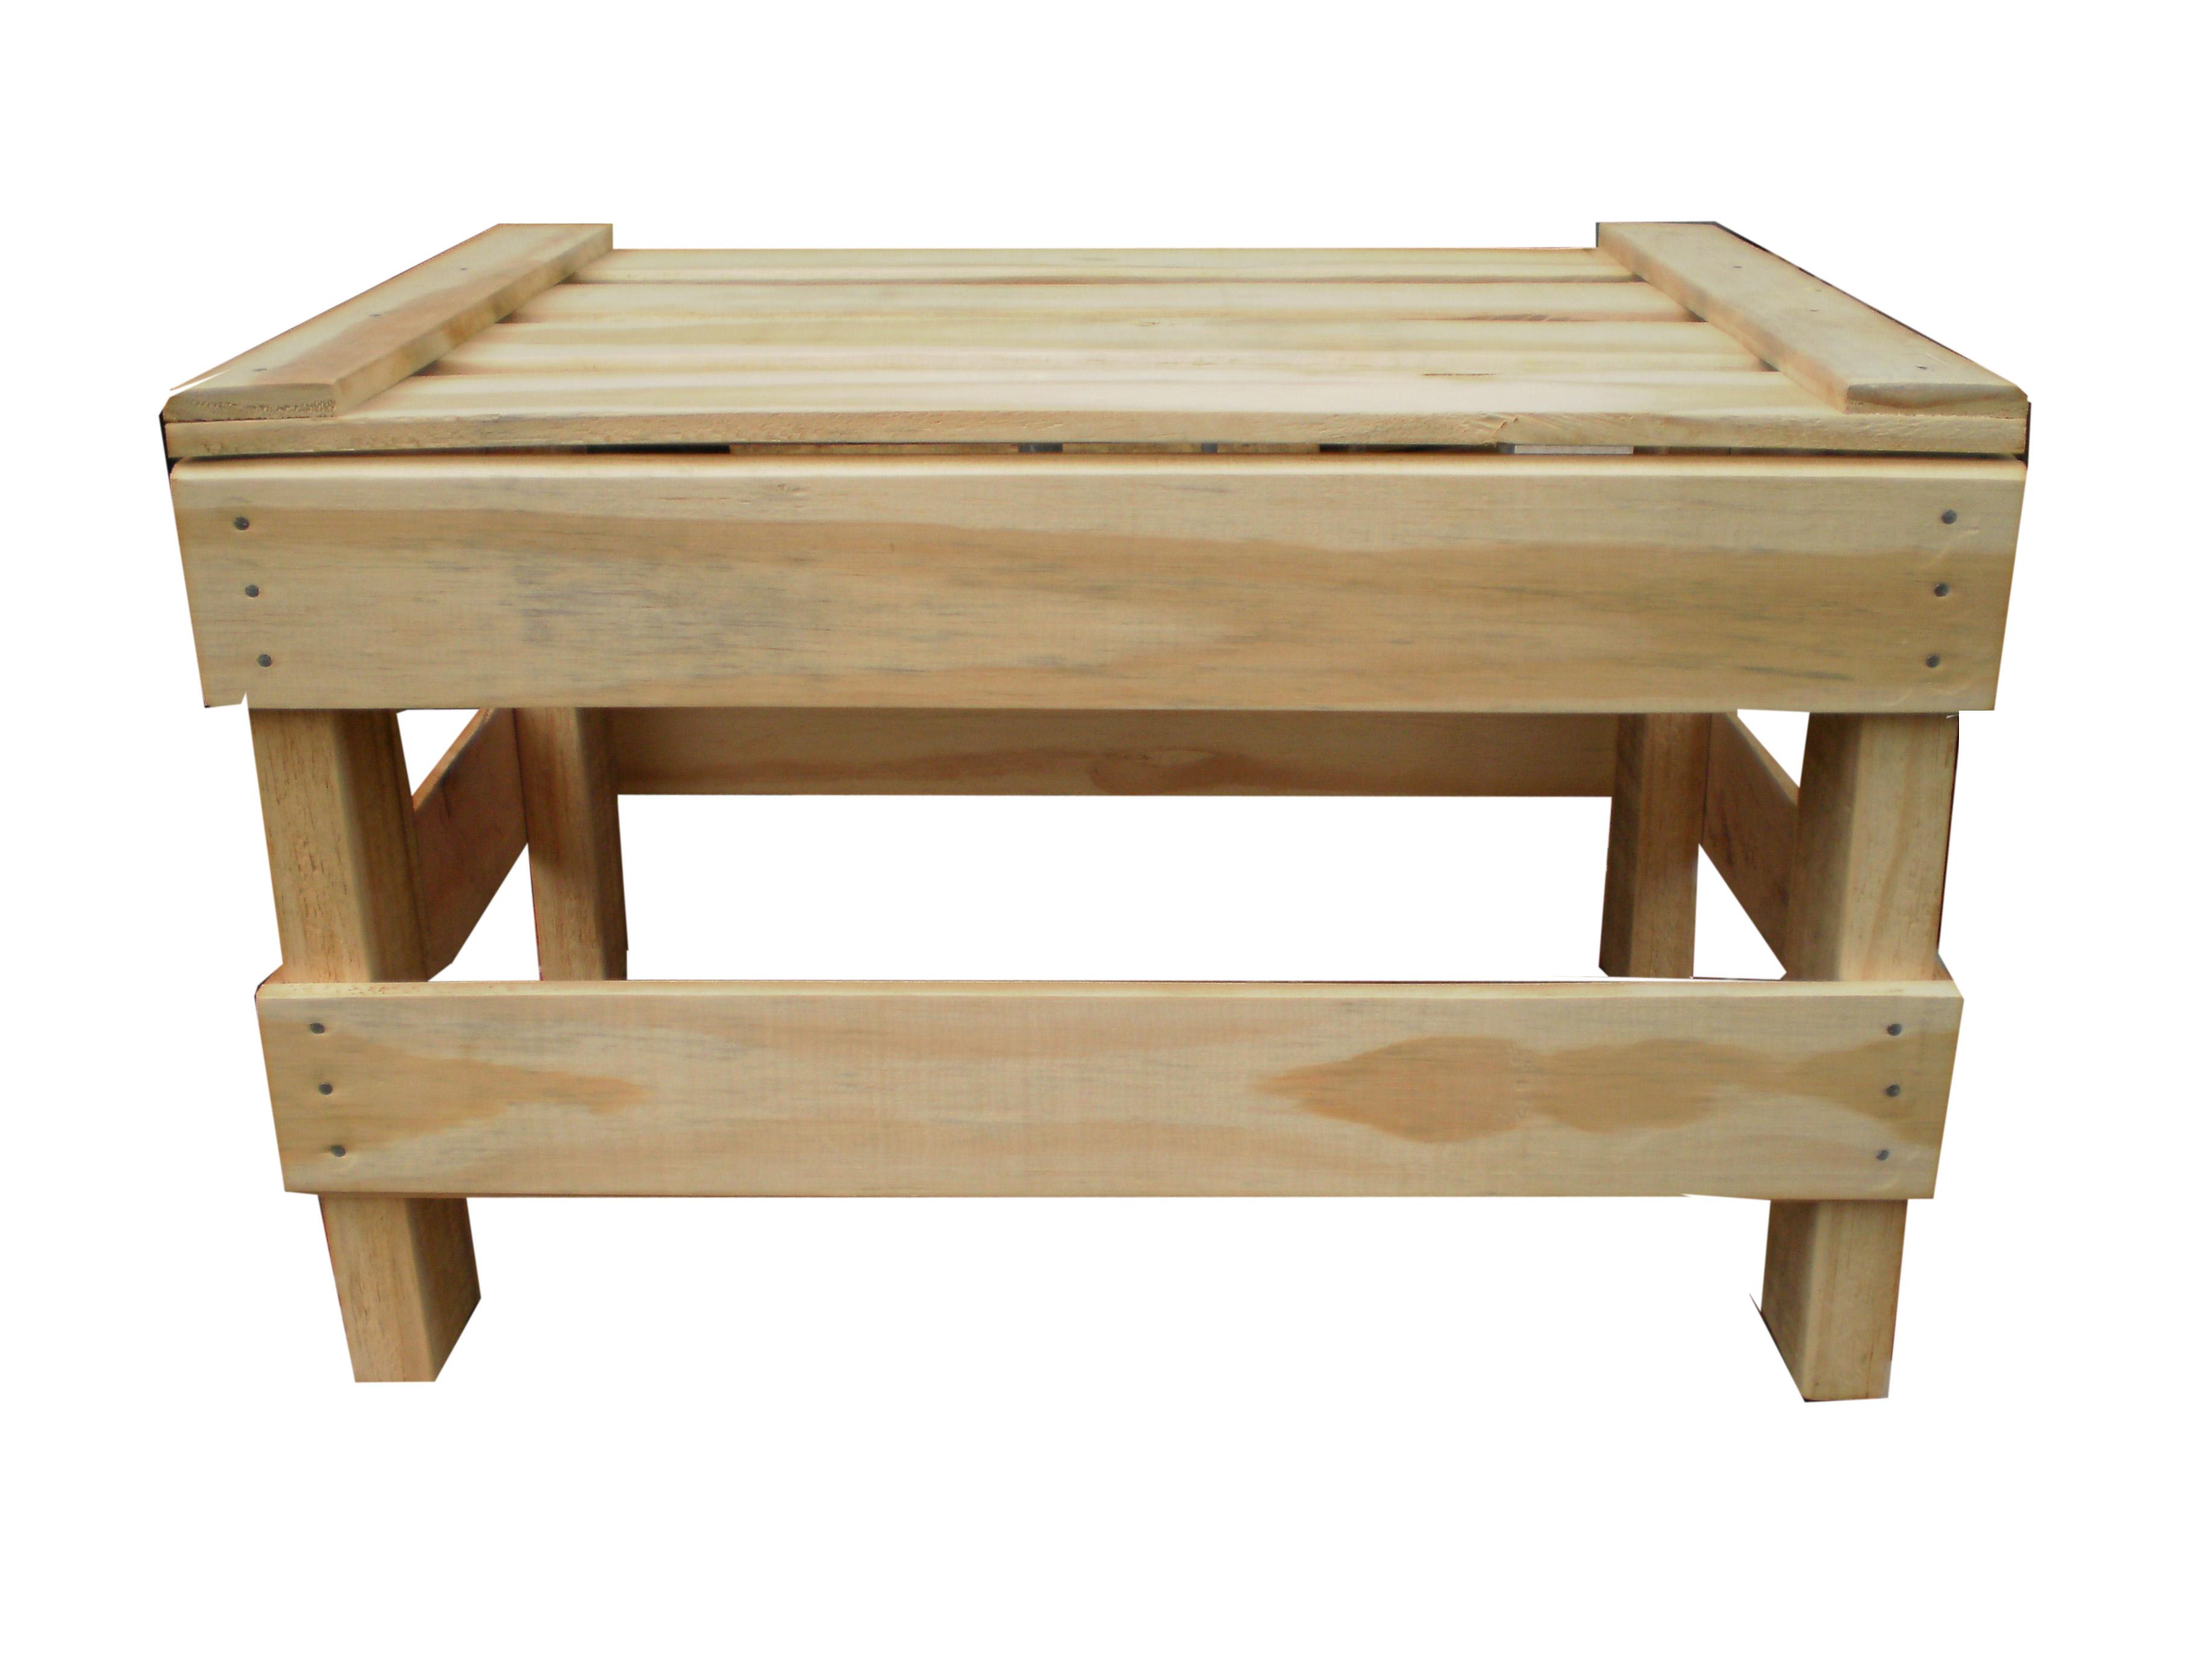 Banquinho Box Trigo Maskavo Eco Decor Elo7 #4A2D15 3672x2768